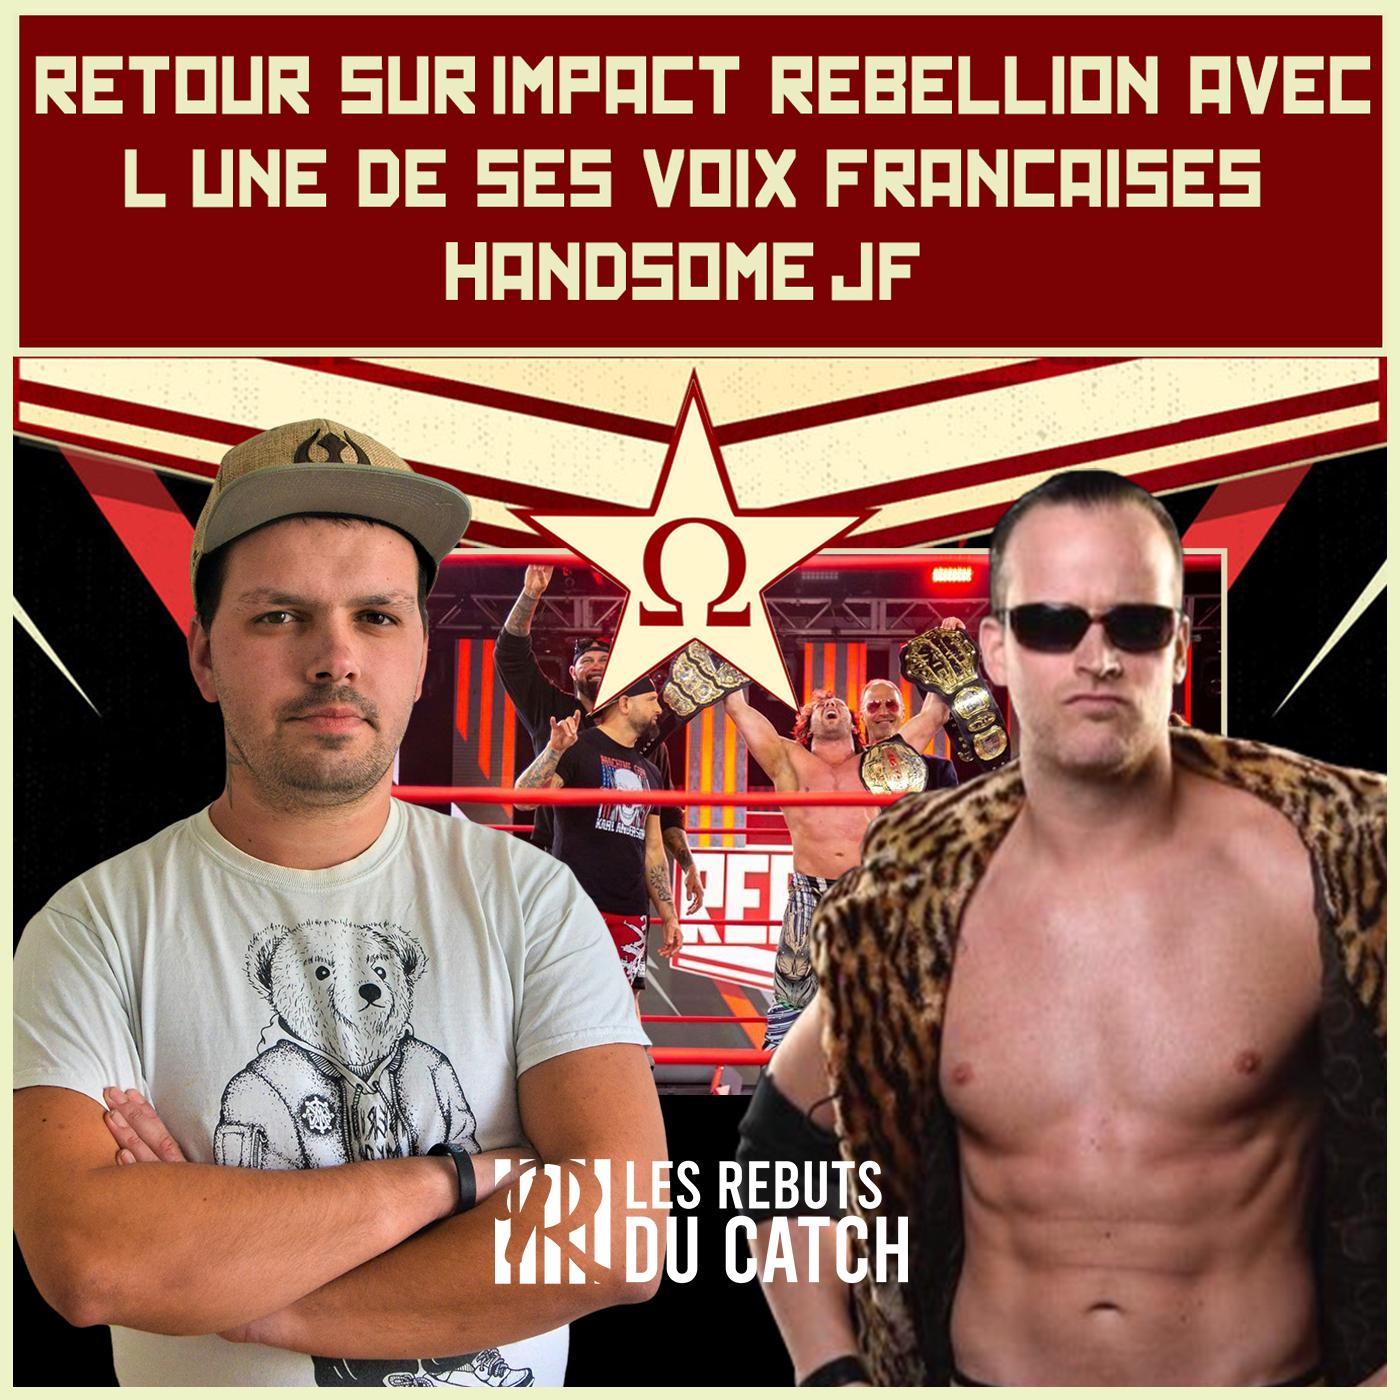 Entrevue et Analyse de : Impact Rebellion avec Handsome JF